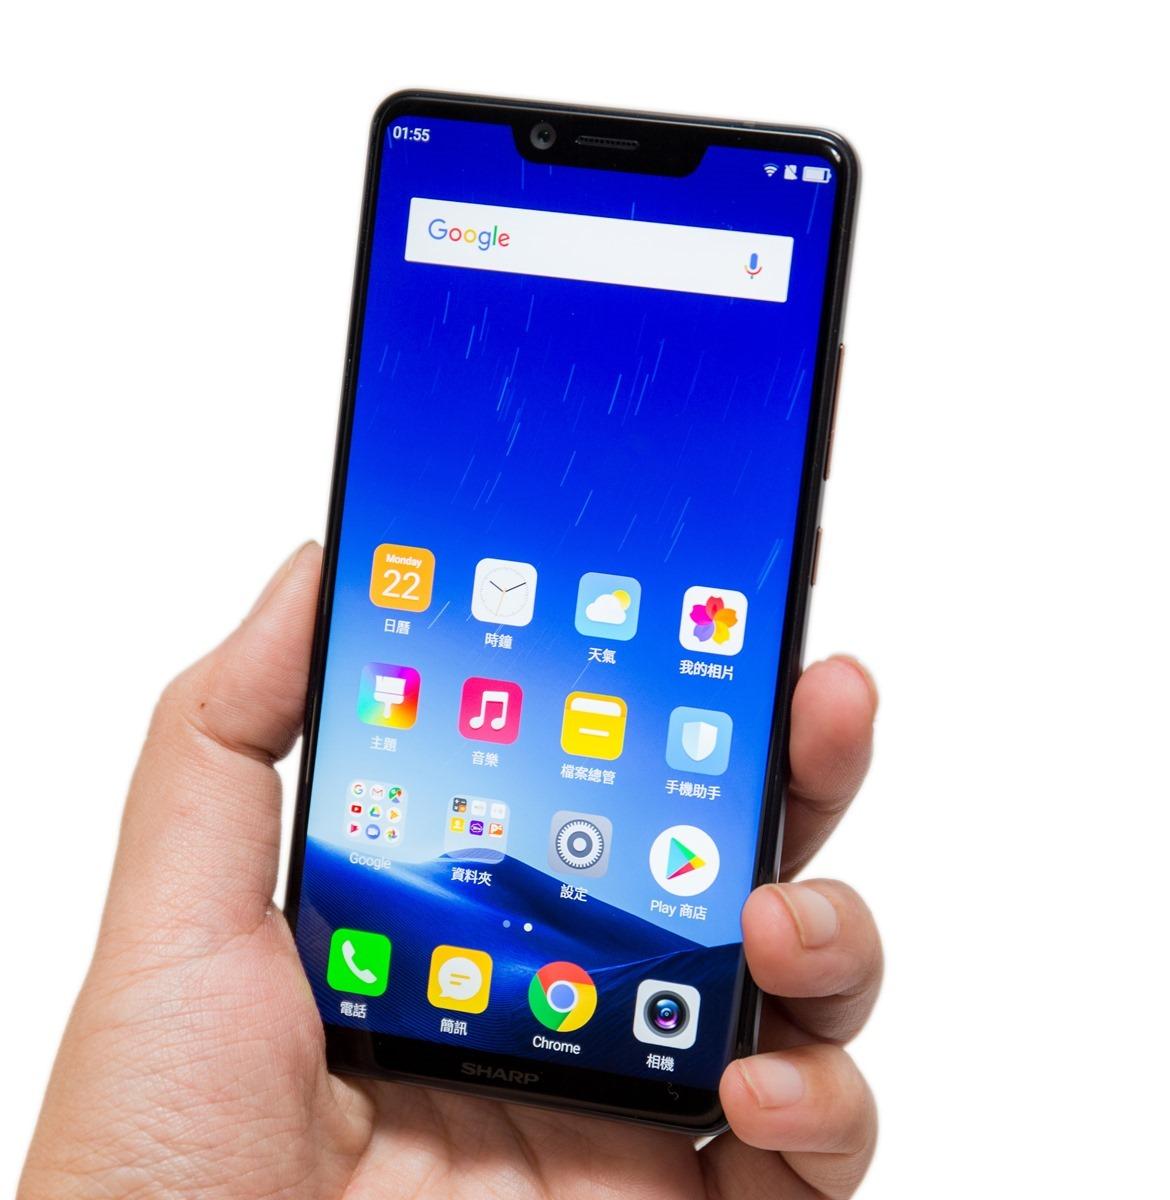 拍照更進化!SHARP AQUOS S3 全球最小六吋異形全螢幕手機 – 3C 達人廖阿輝